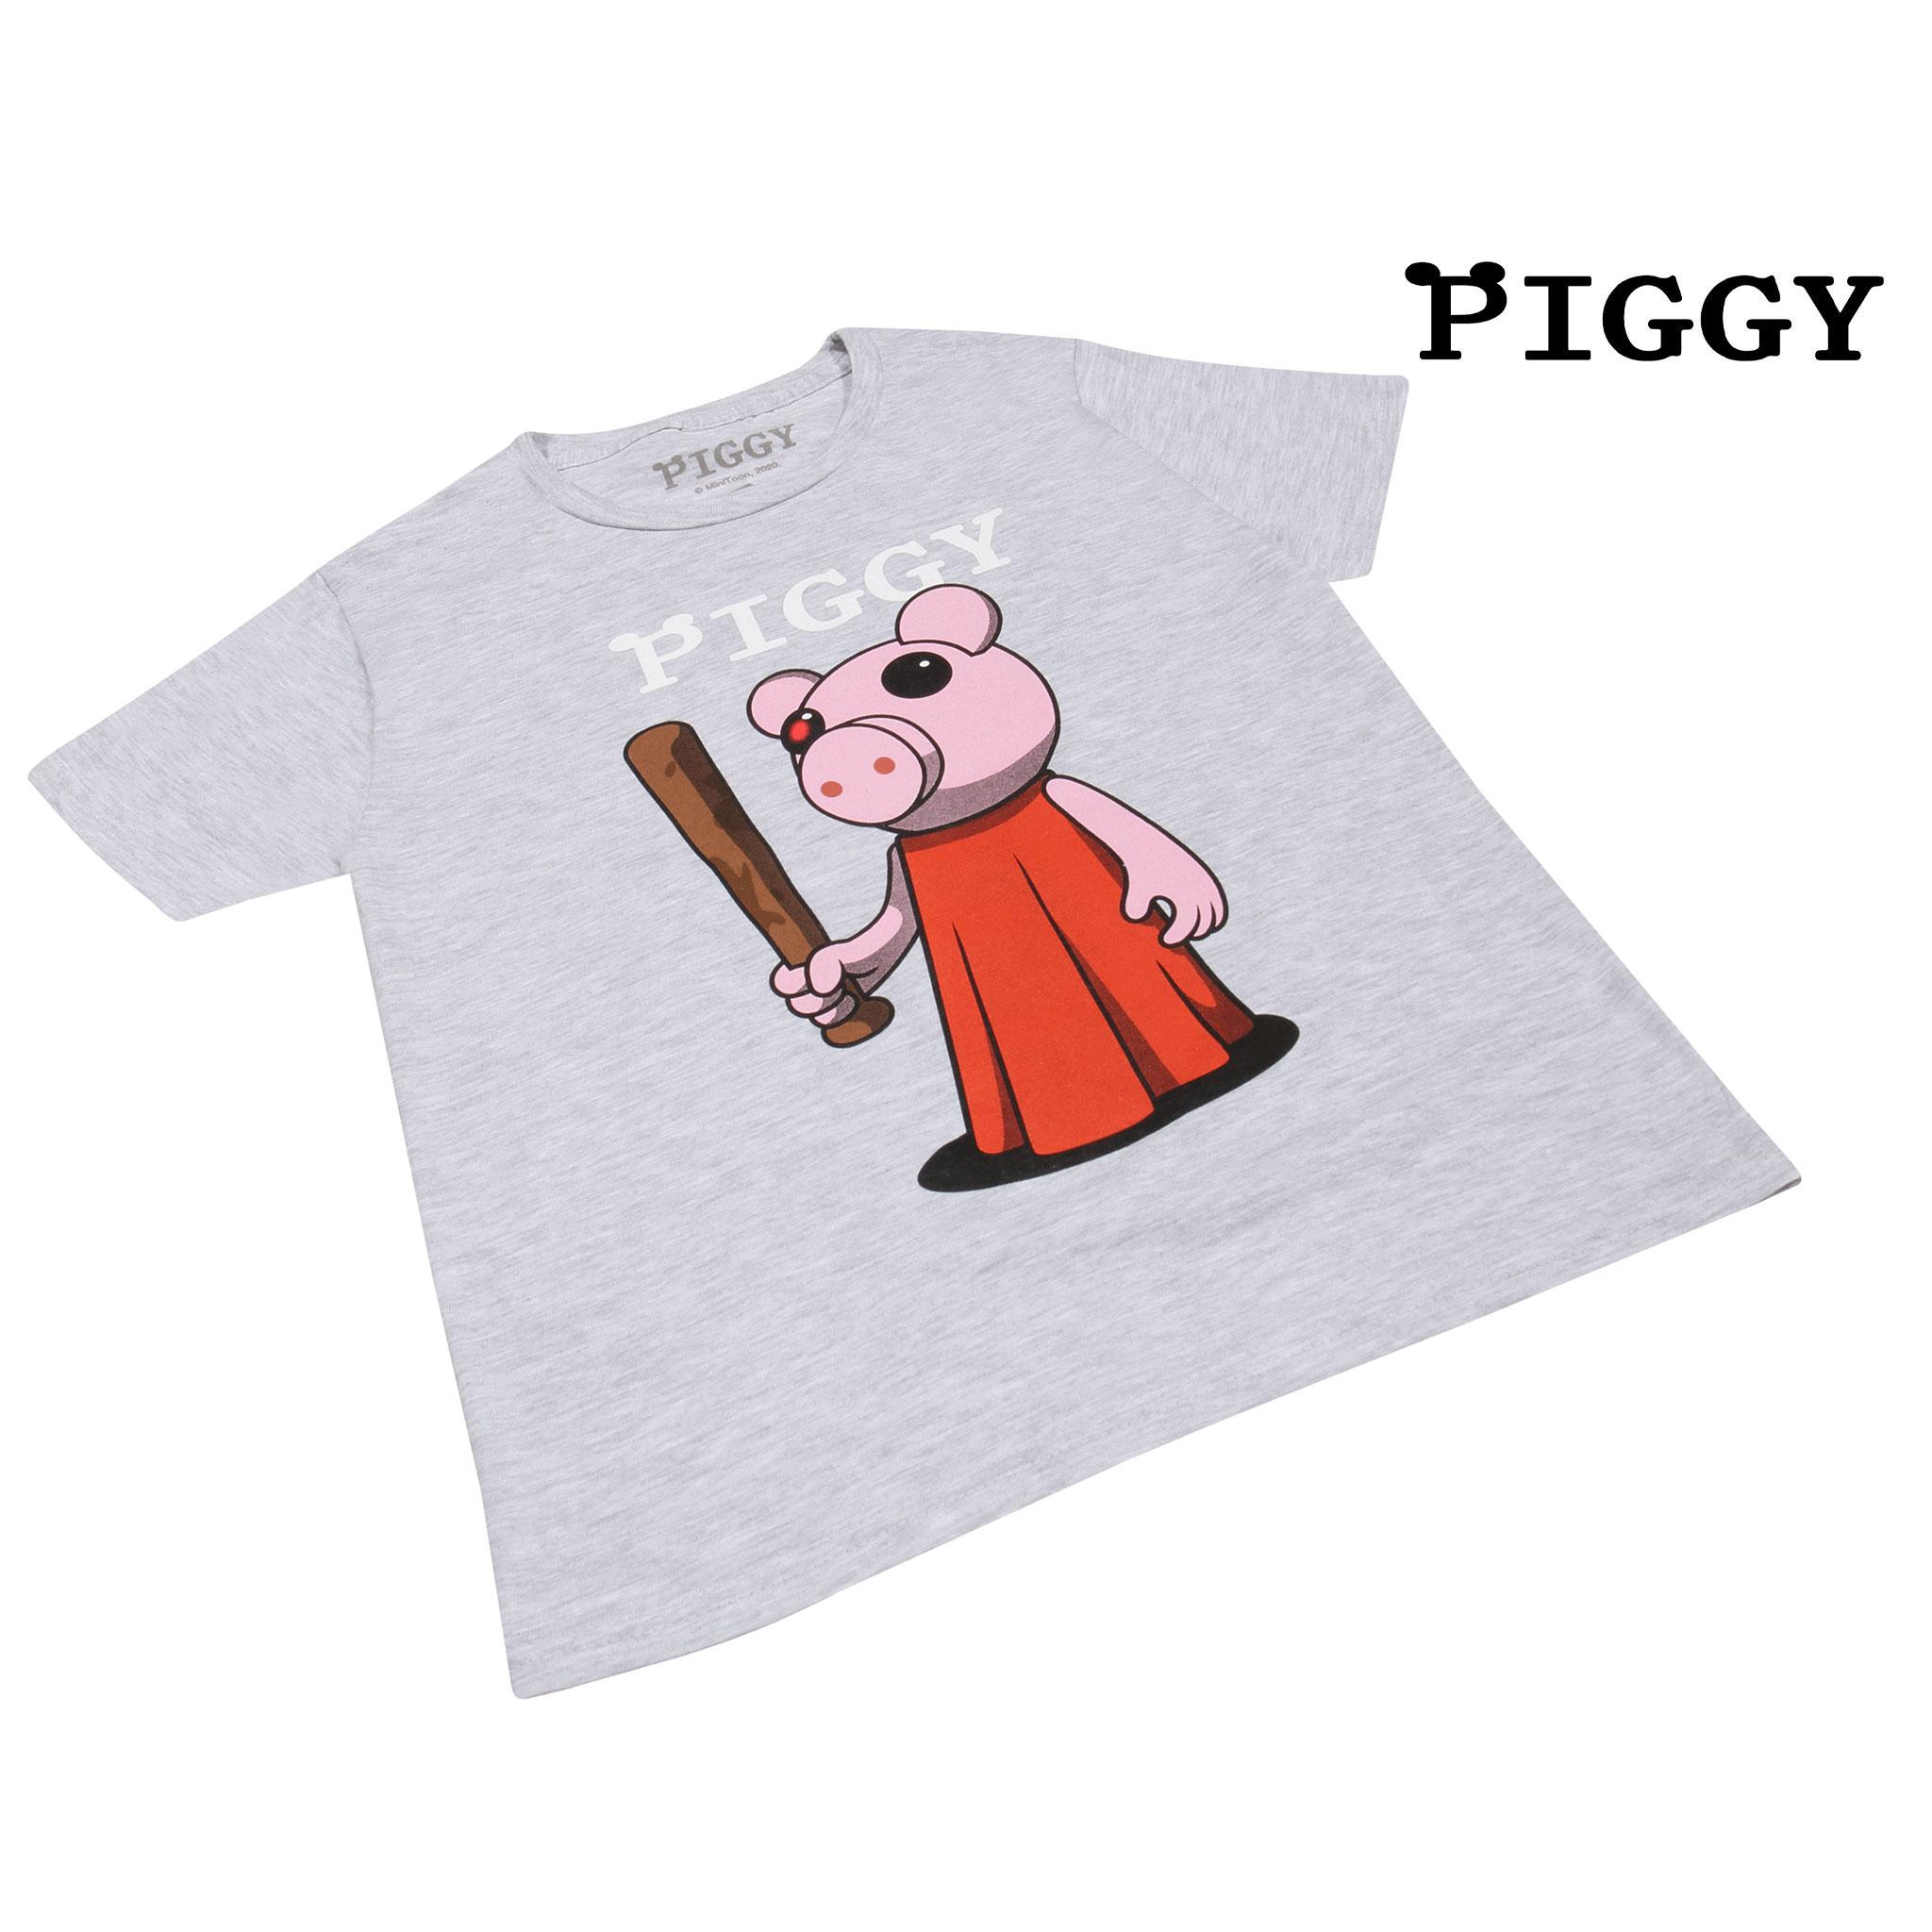 miniature 14 - Boys Piggy T Shirt Baseball Bat Official